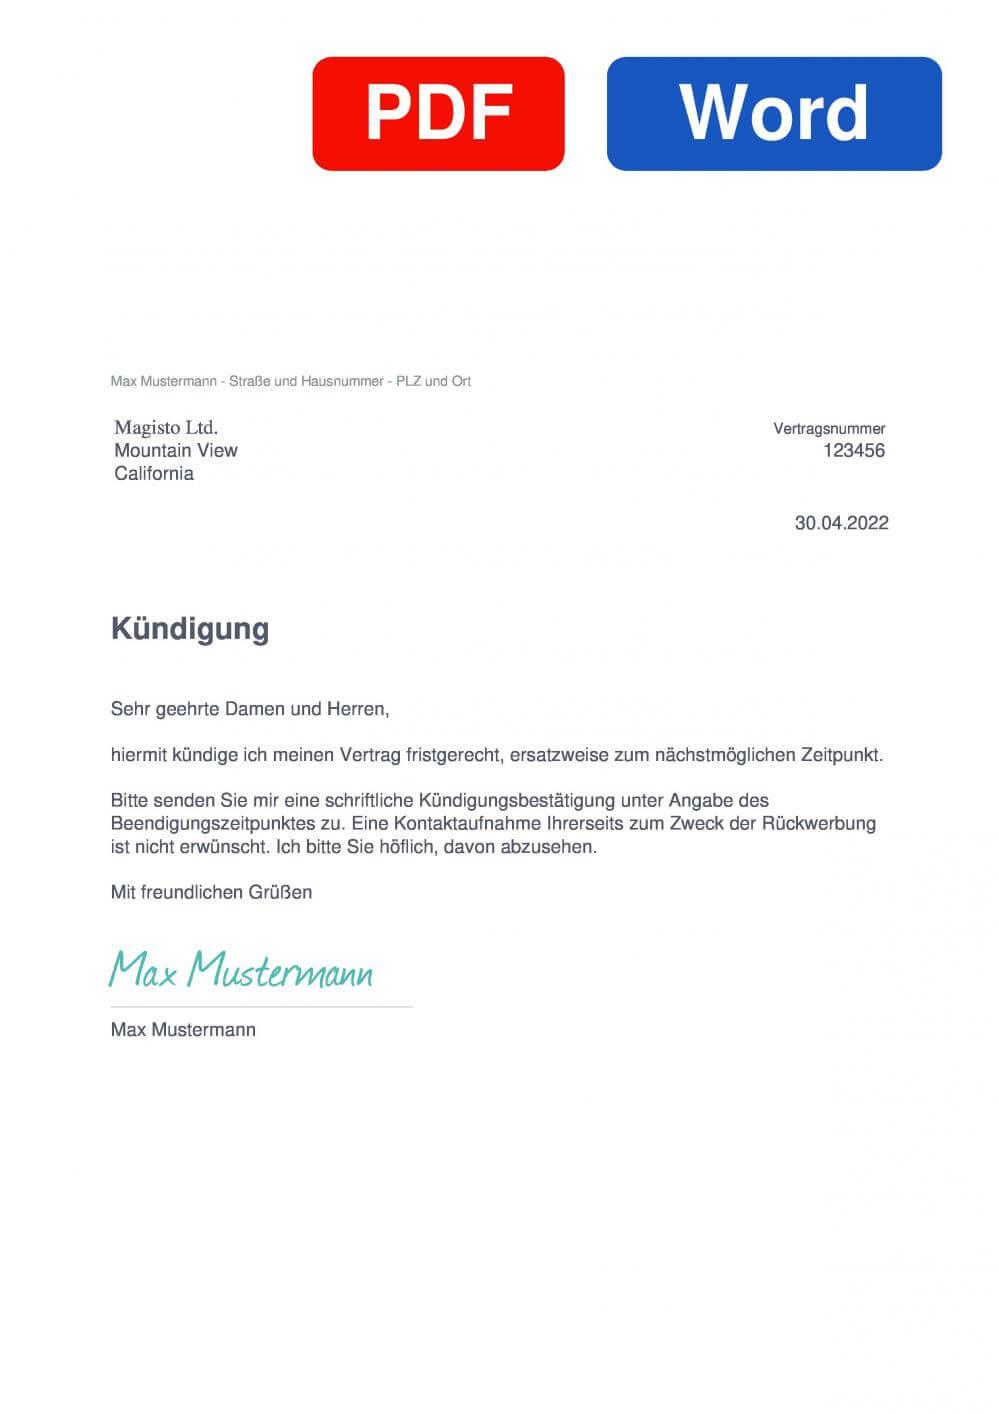 Magisto Muster Vorlage für Kündigungsschreiben